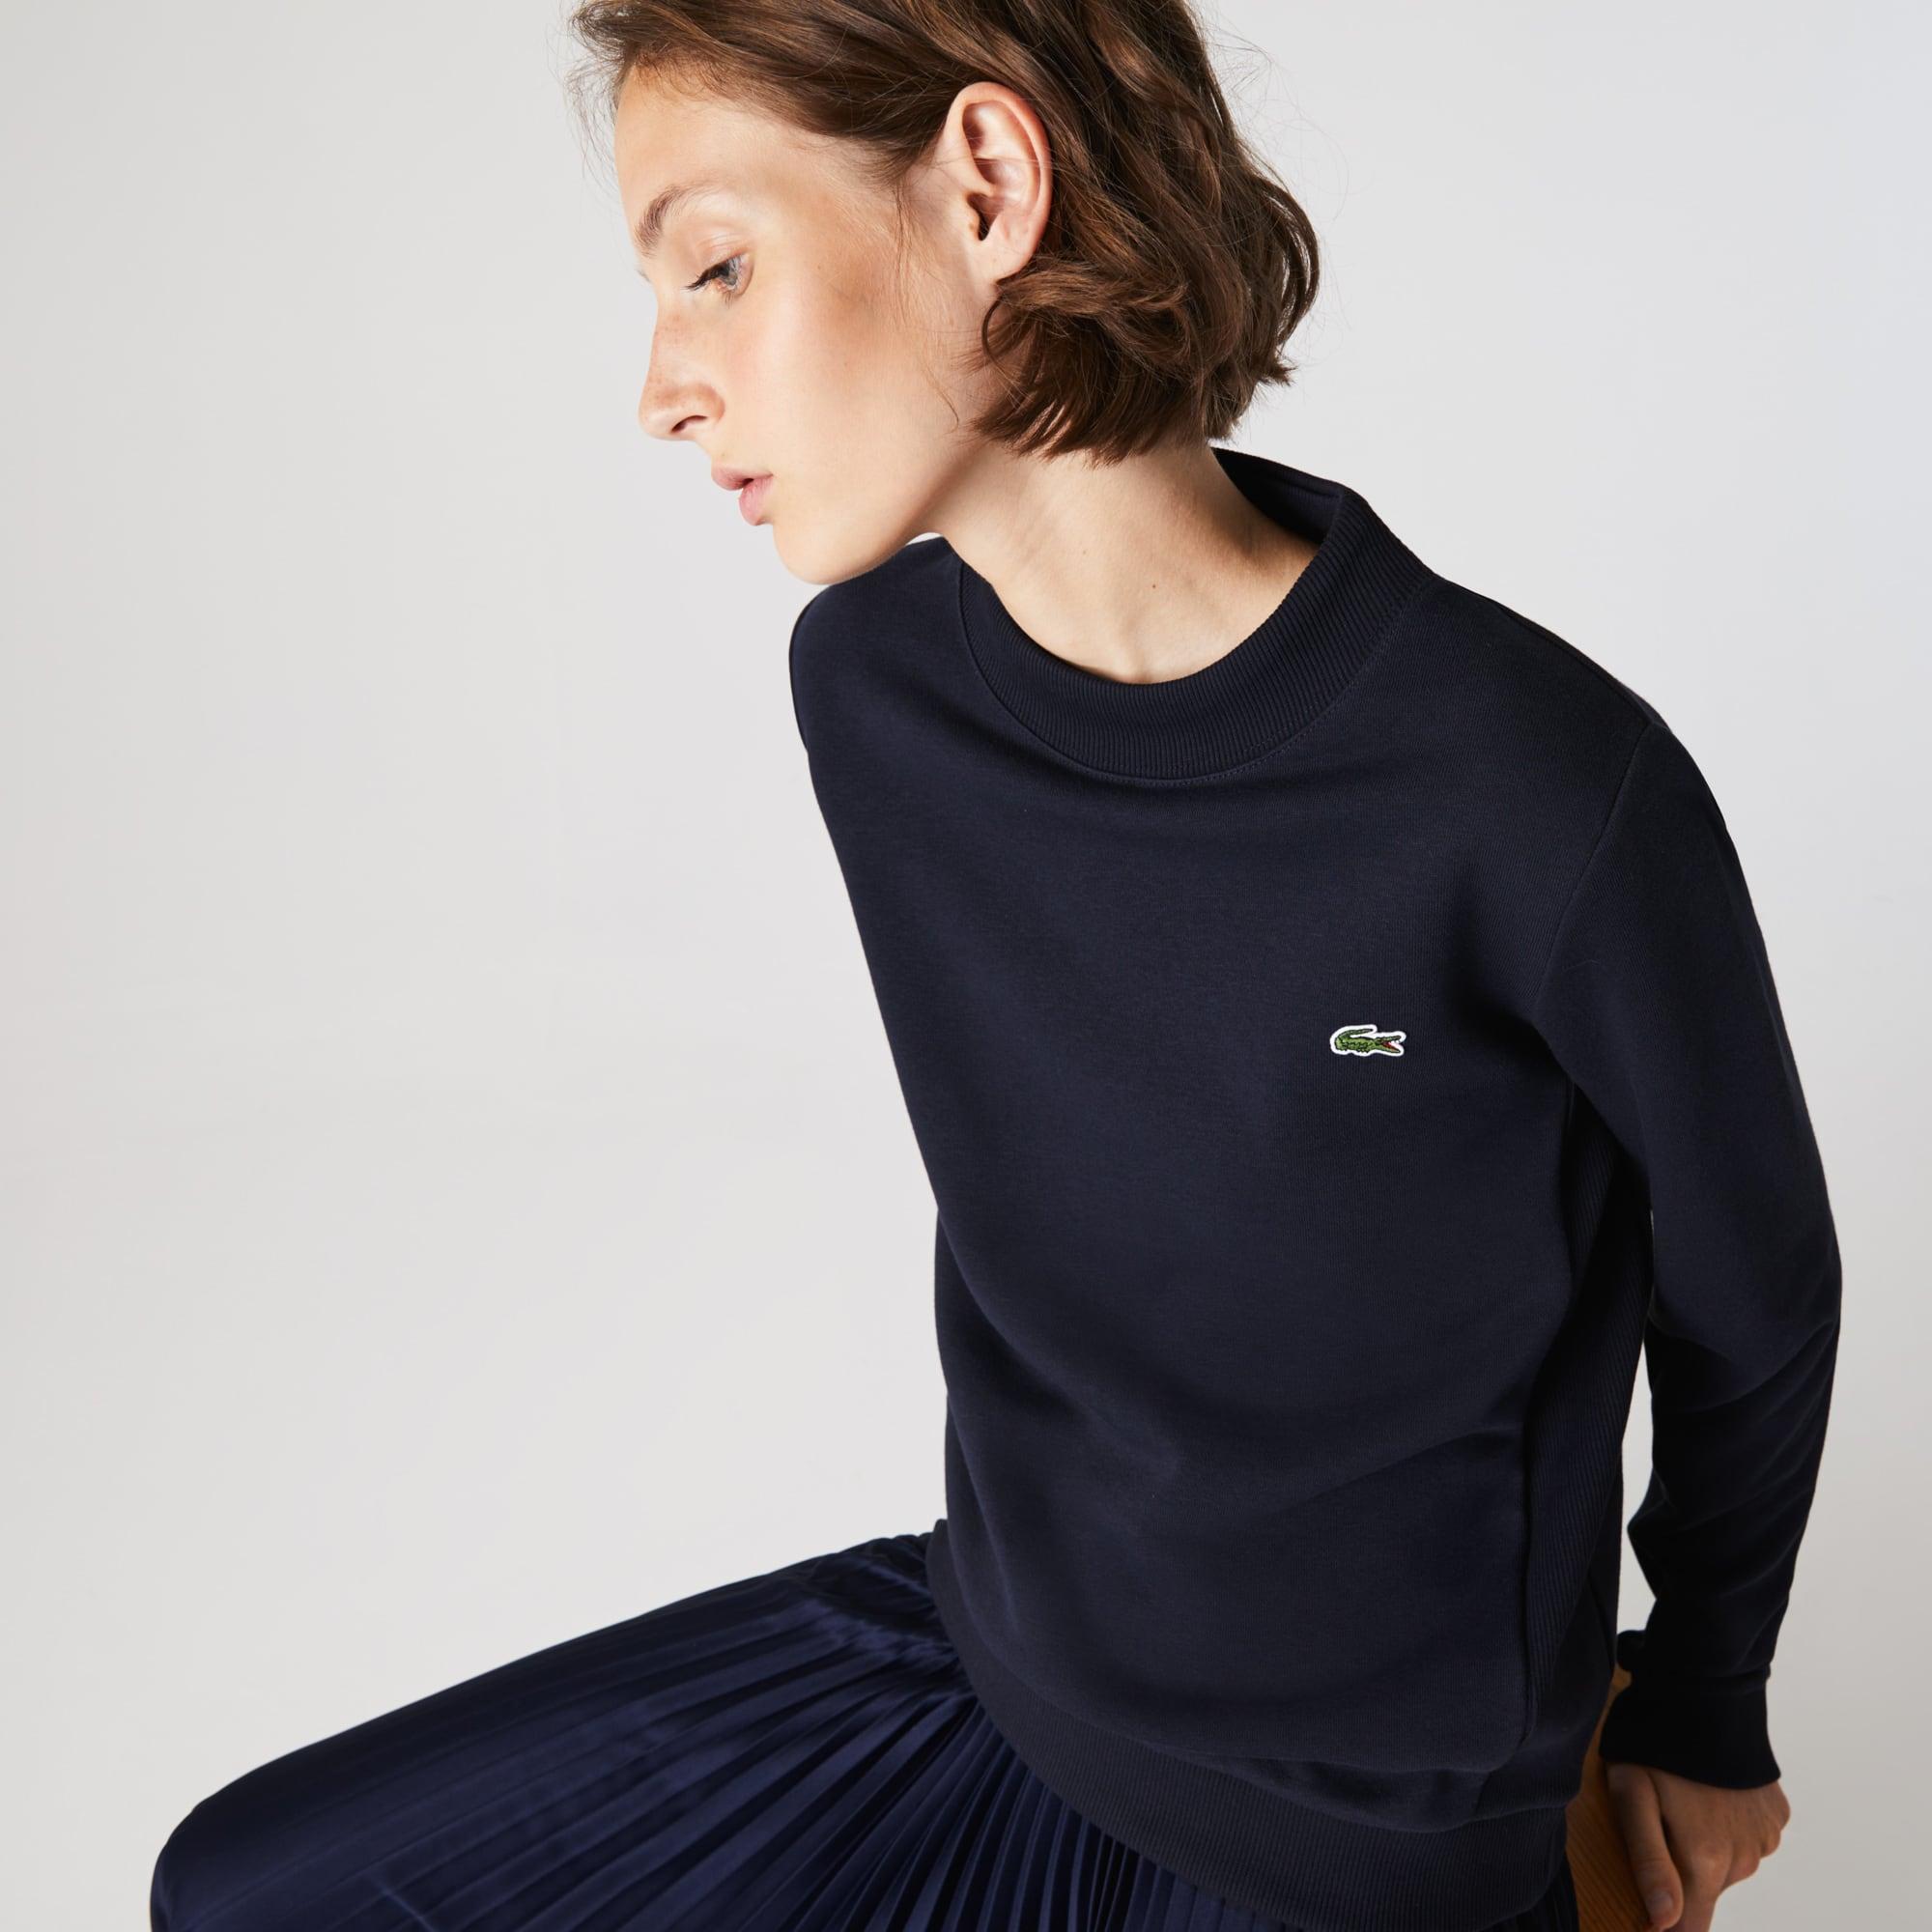 라코스테 스포츠 우먼 플리스 테니스 맨투맨 Lacoste Womens SPORT Fleece Tennis Sweatshirt,Navy Blue